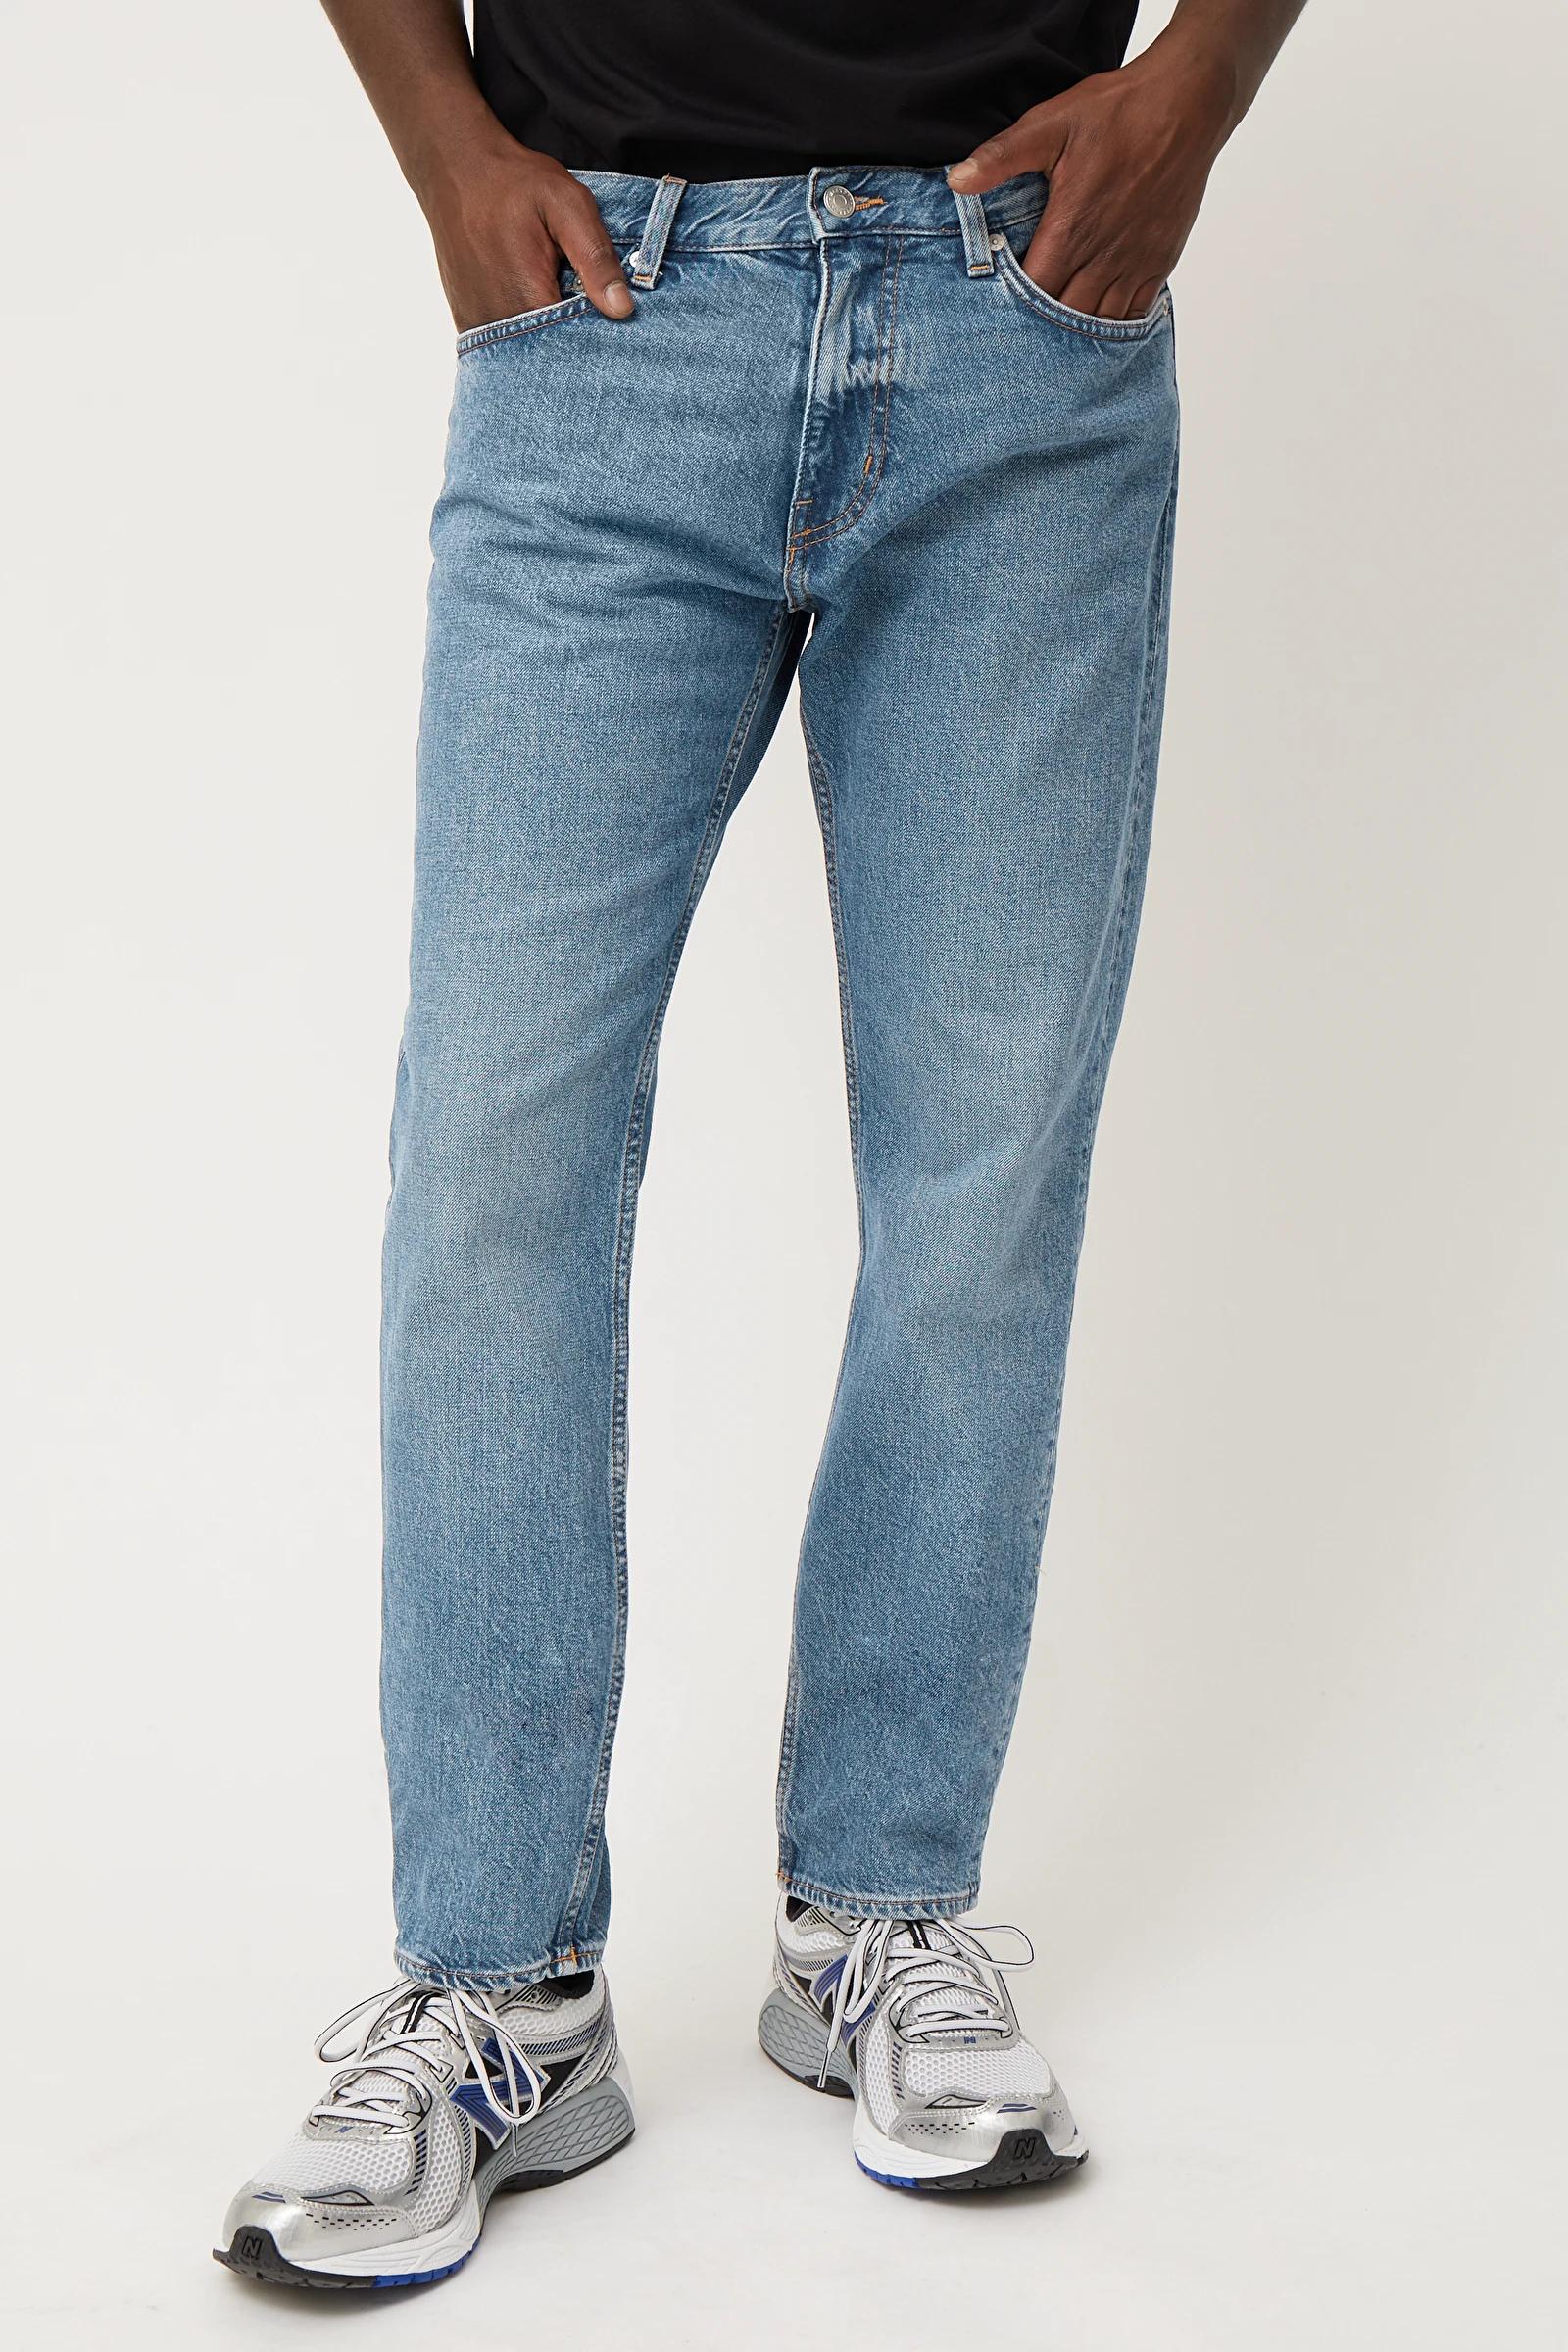 25% Rabatt ab 2 Paar Jeans eurer Wahl + 10% Rabatt on top @Weekday